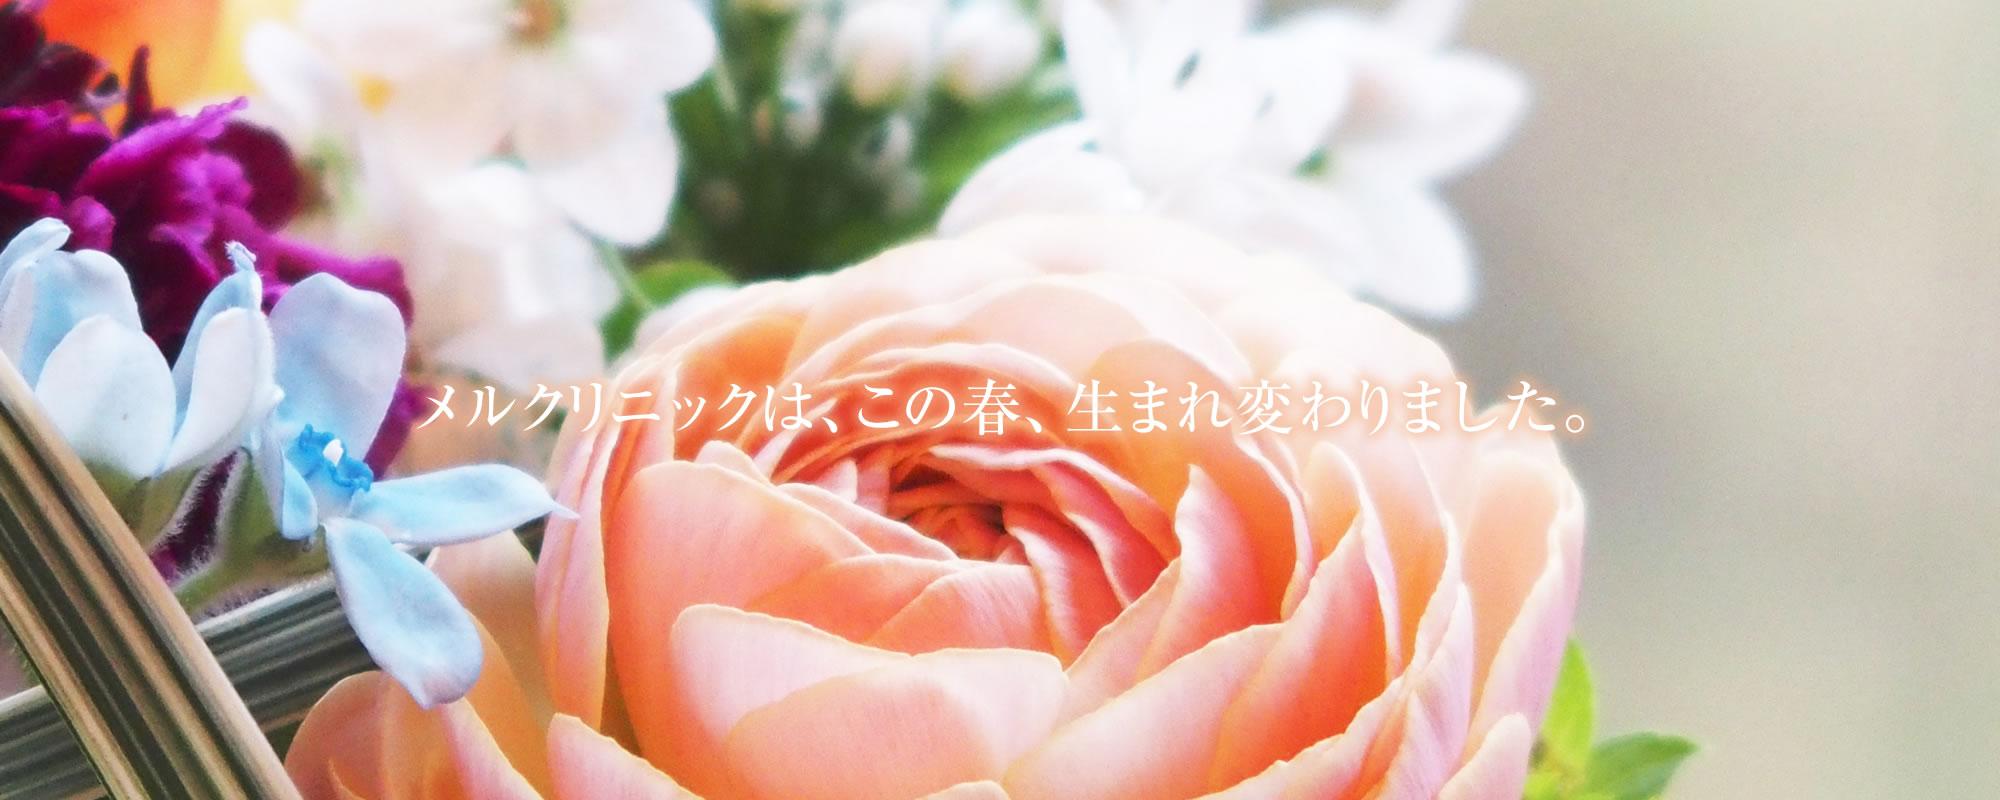 神戸メルクリニック